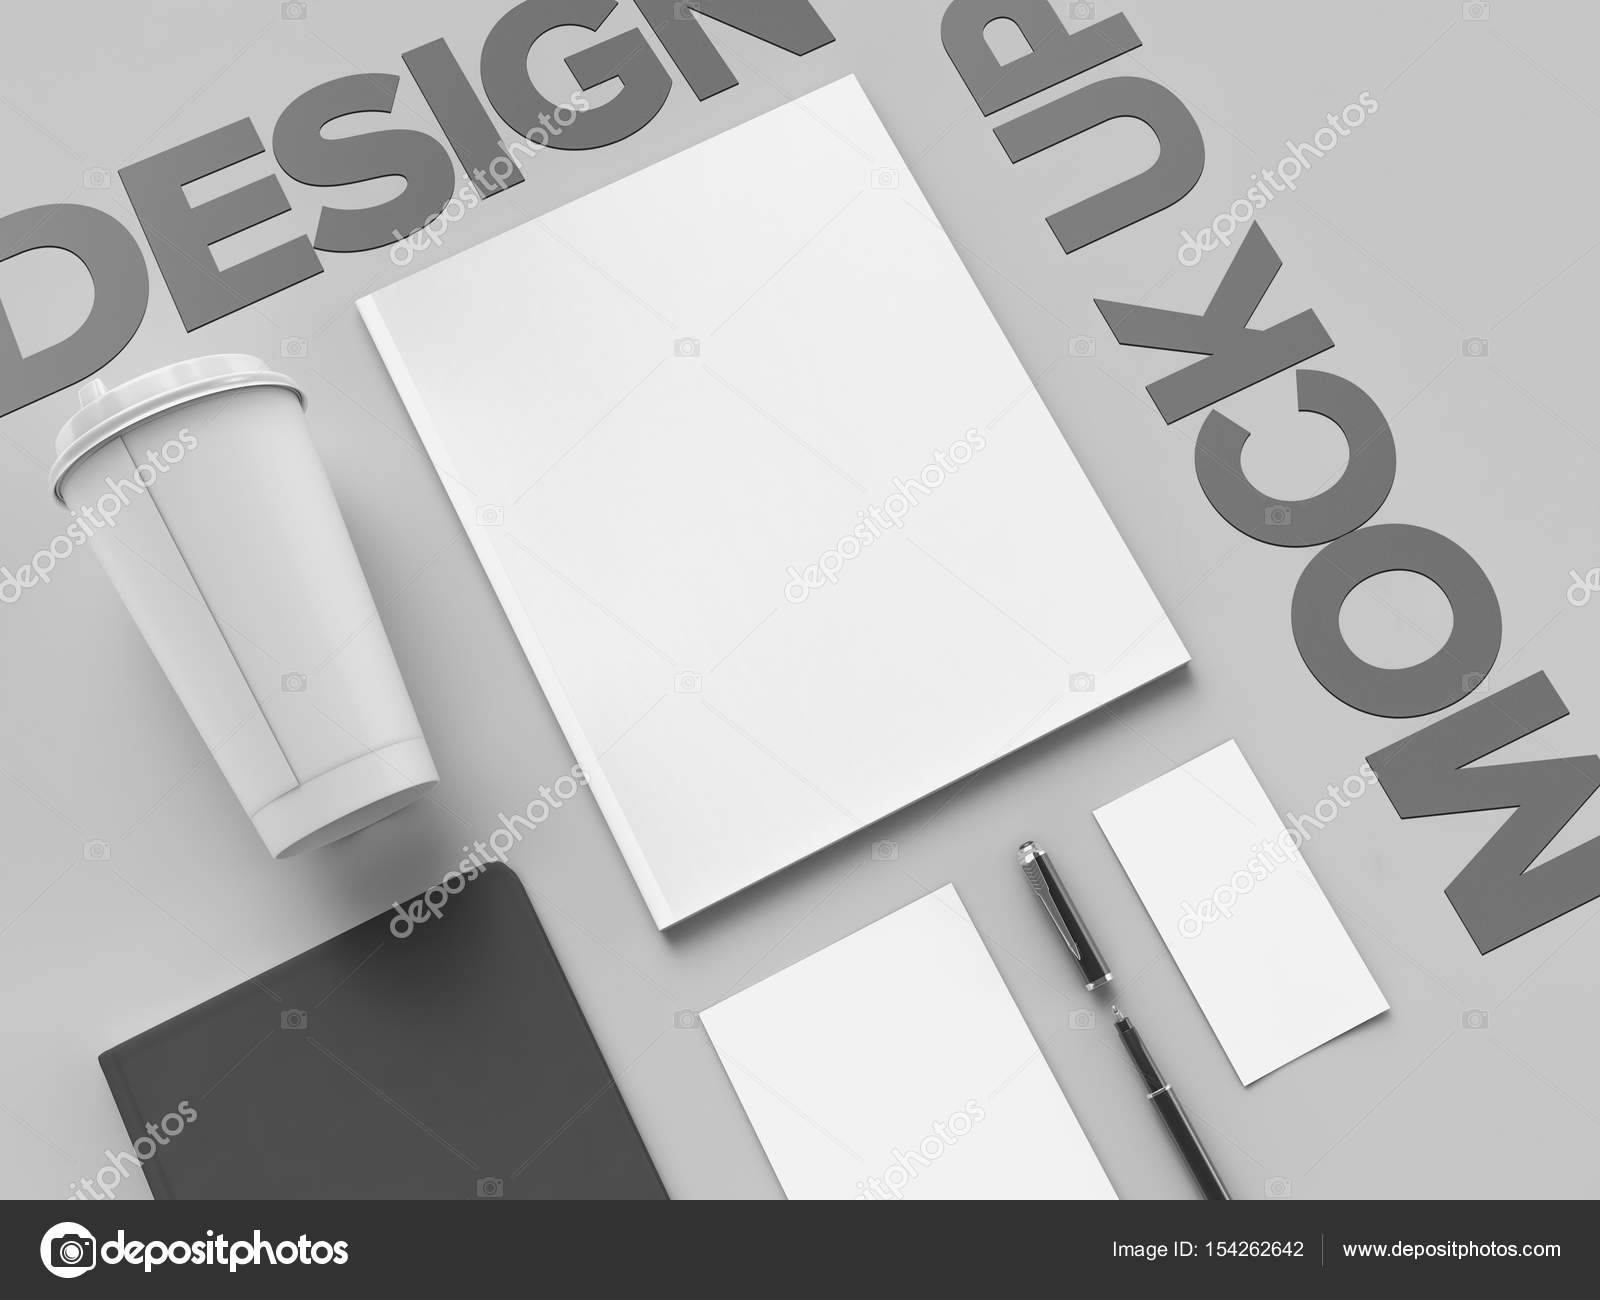 Bureau de style au travail en monochrome sur fond gris avec design